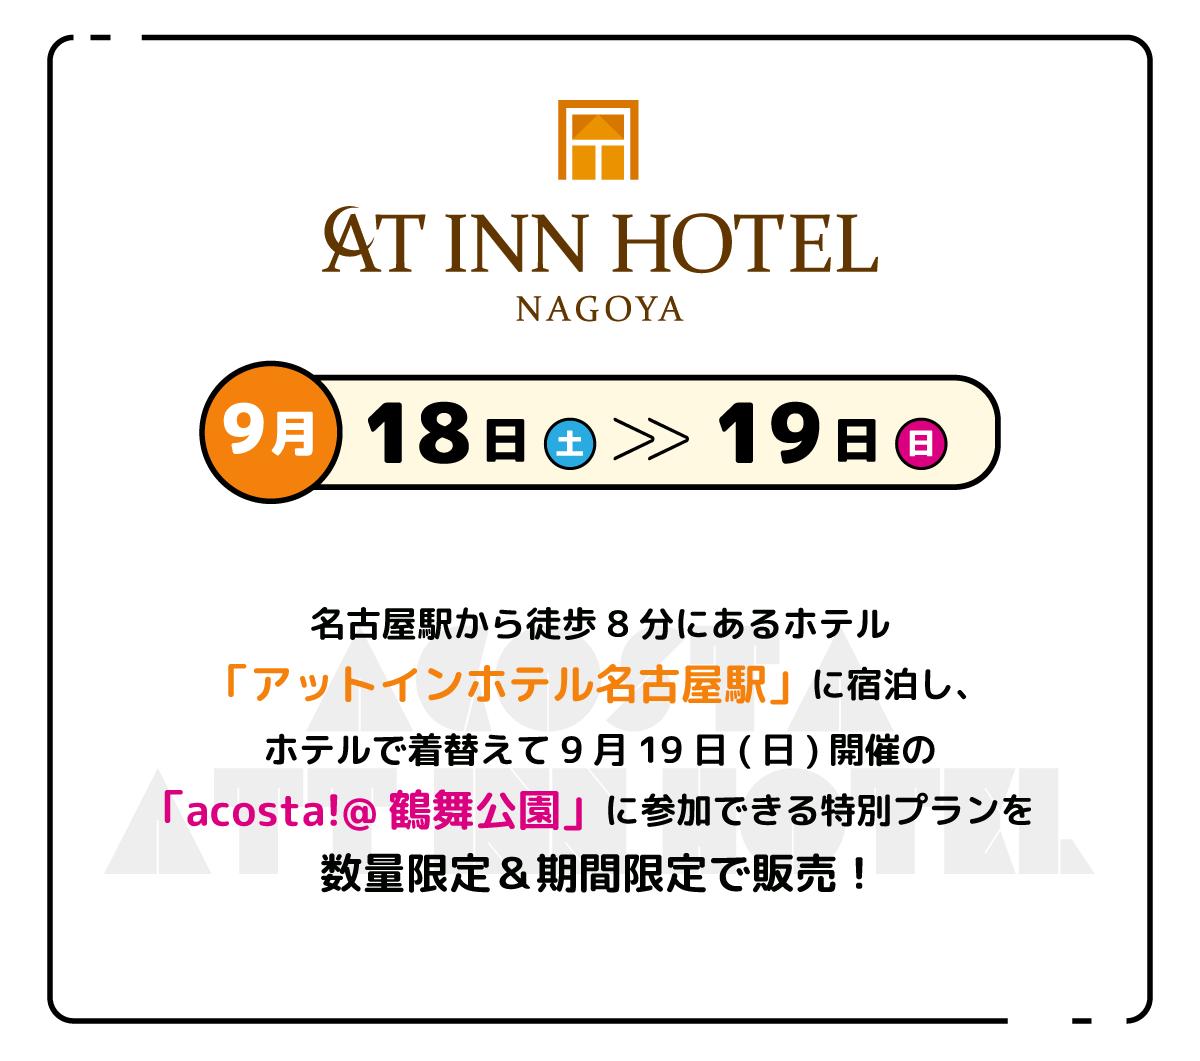 名古屋駅から徒歩8分にあるホテル「アットインホテル名古屋駅」に宿泊し、ホテルで着替えて9月19日(日)開催の「acosta!@鶴舞公園」に参加できる特別プランを数量限定販売!